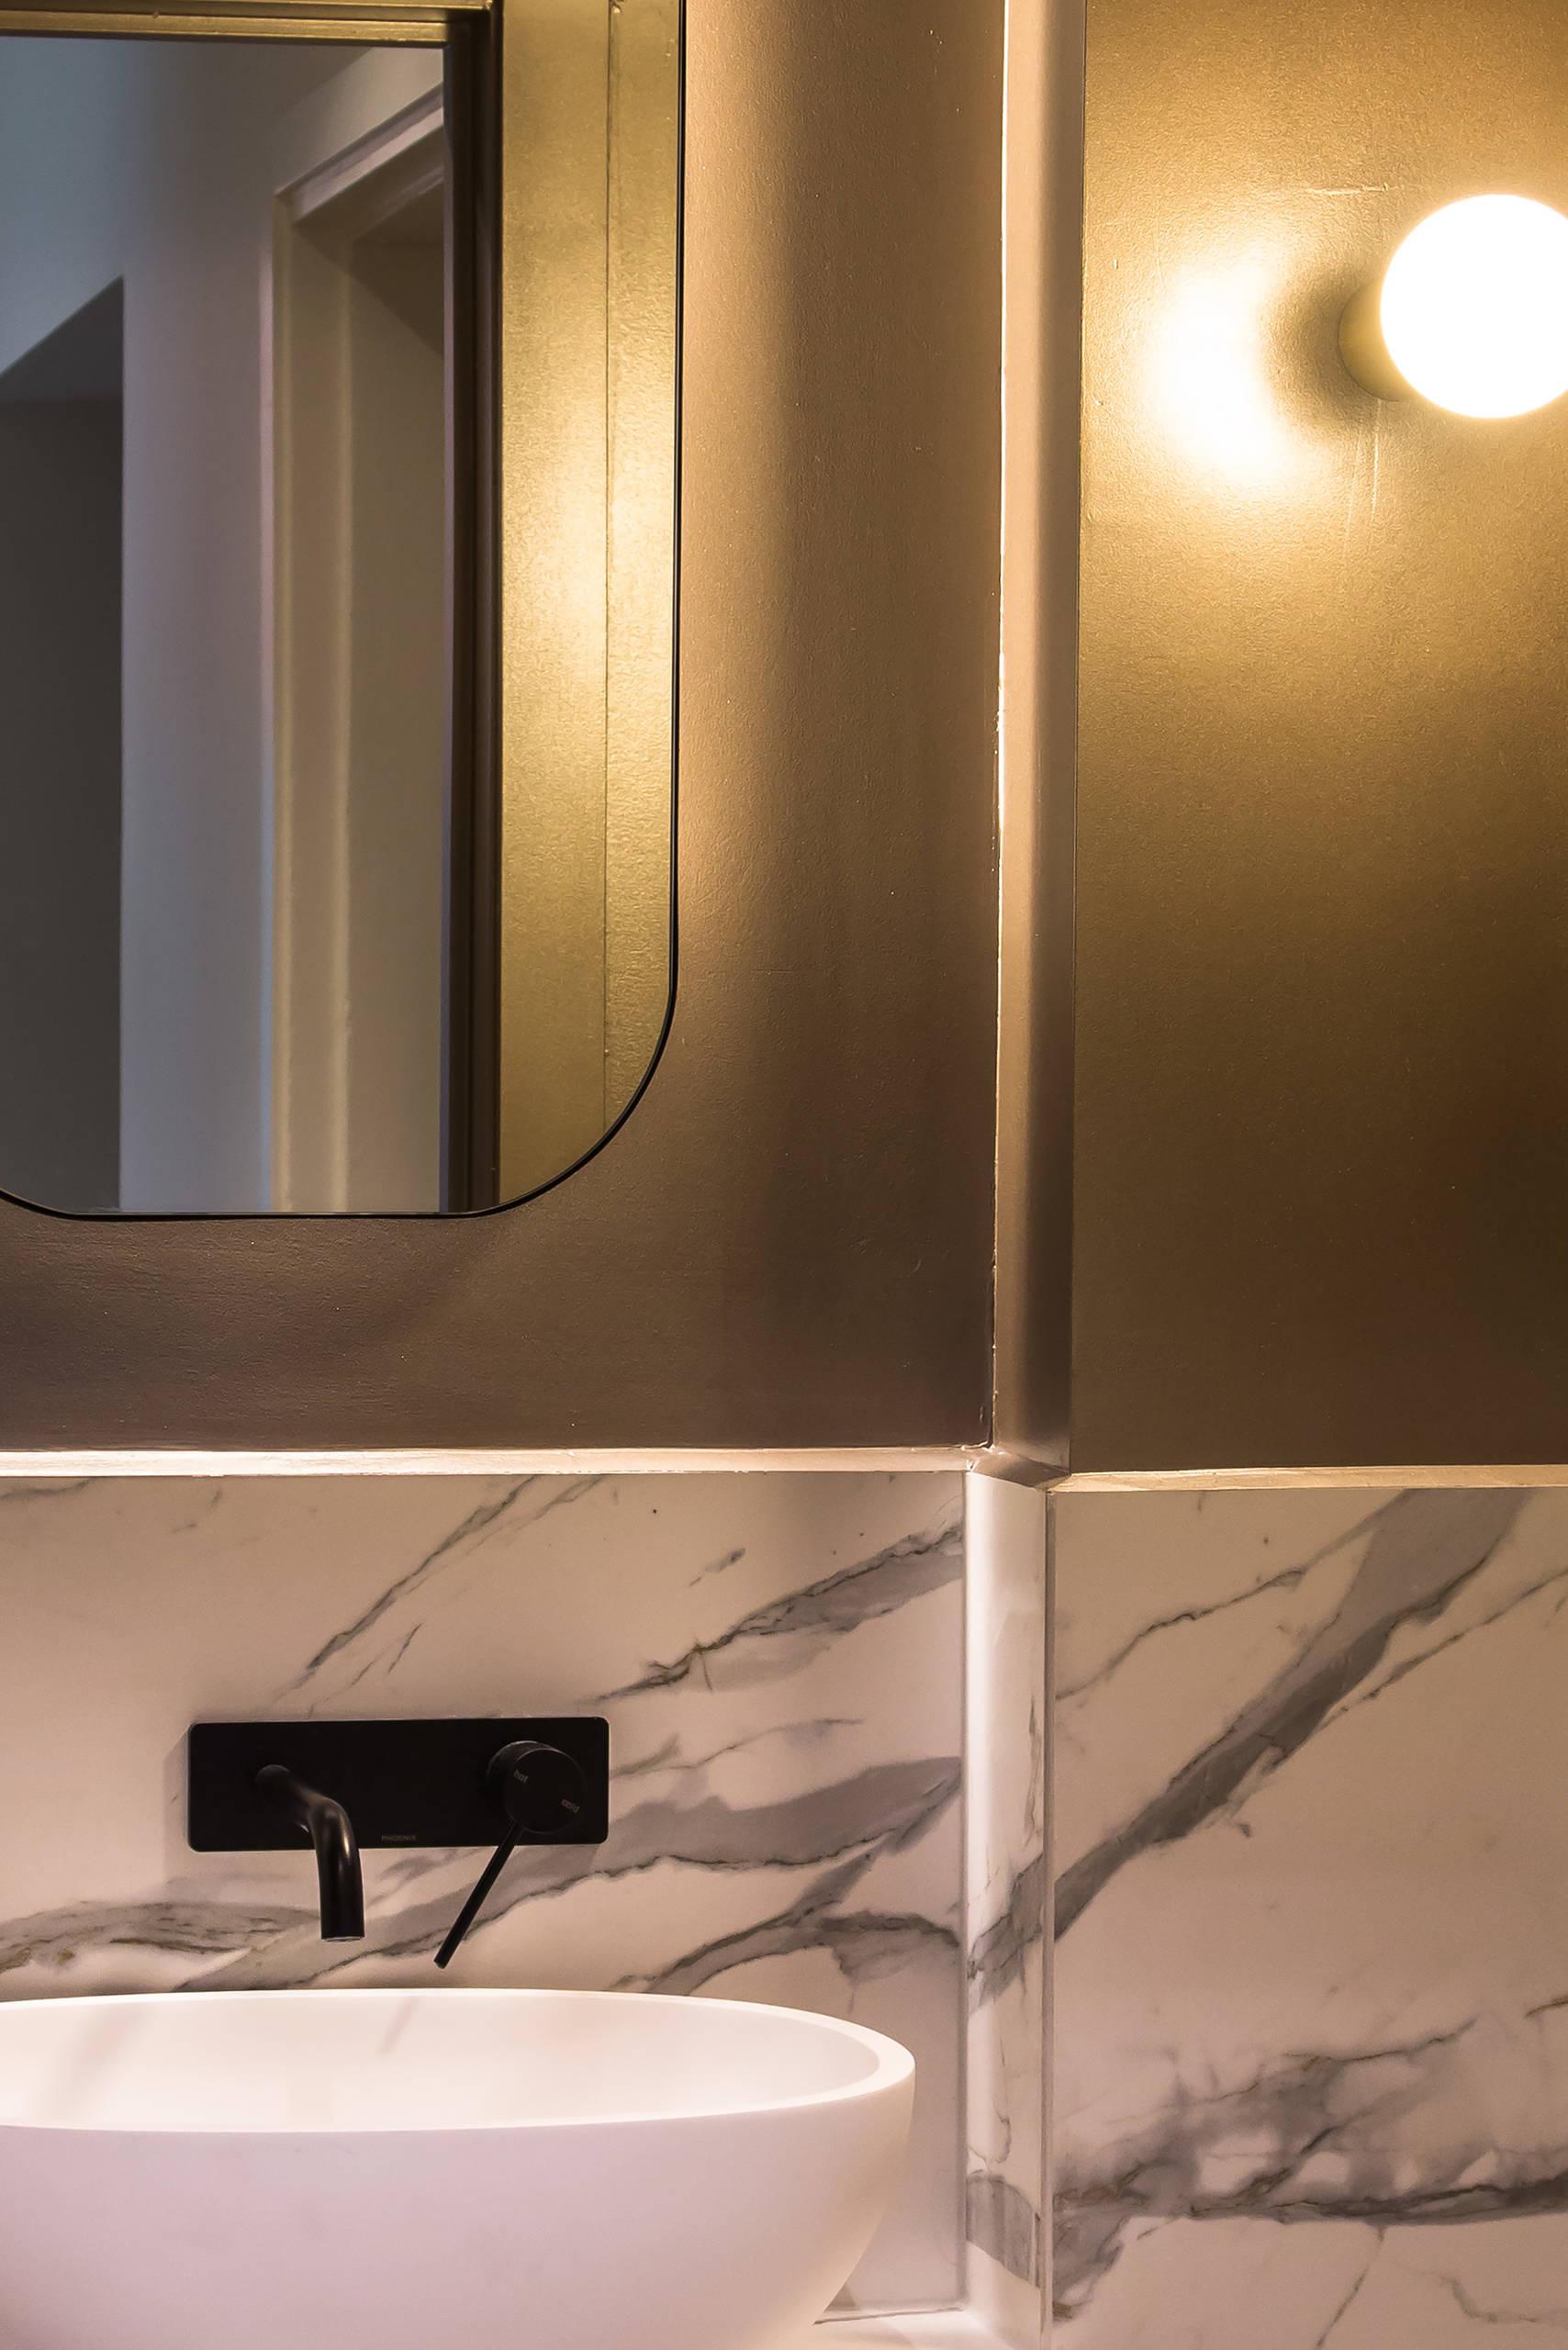 Melbourne interior designer bathroom design st kilda west bayside melbourne